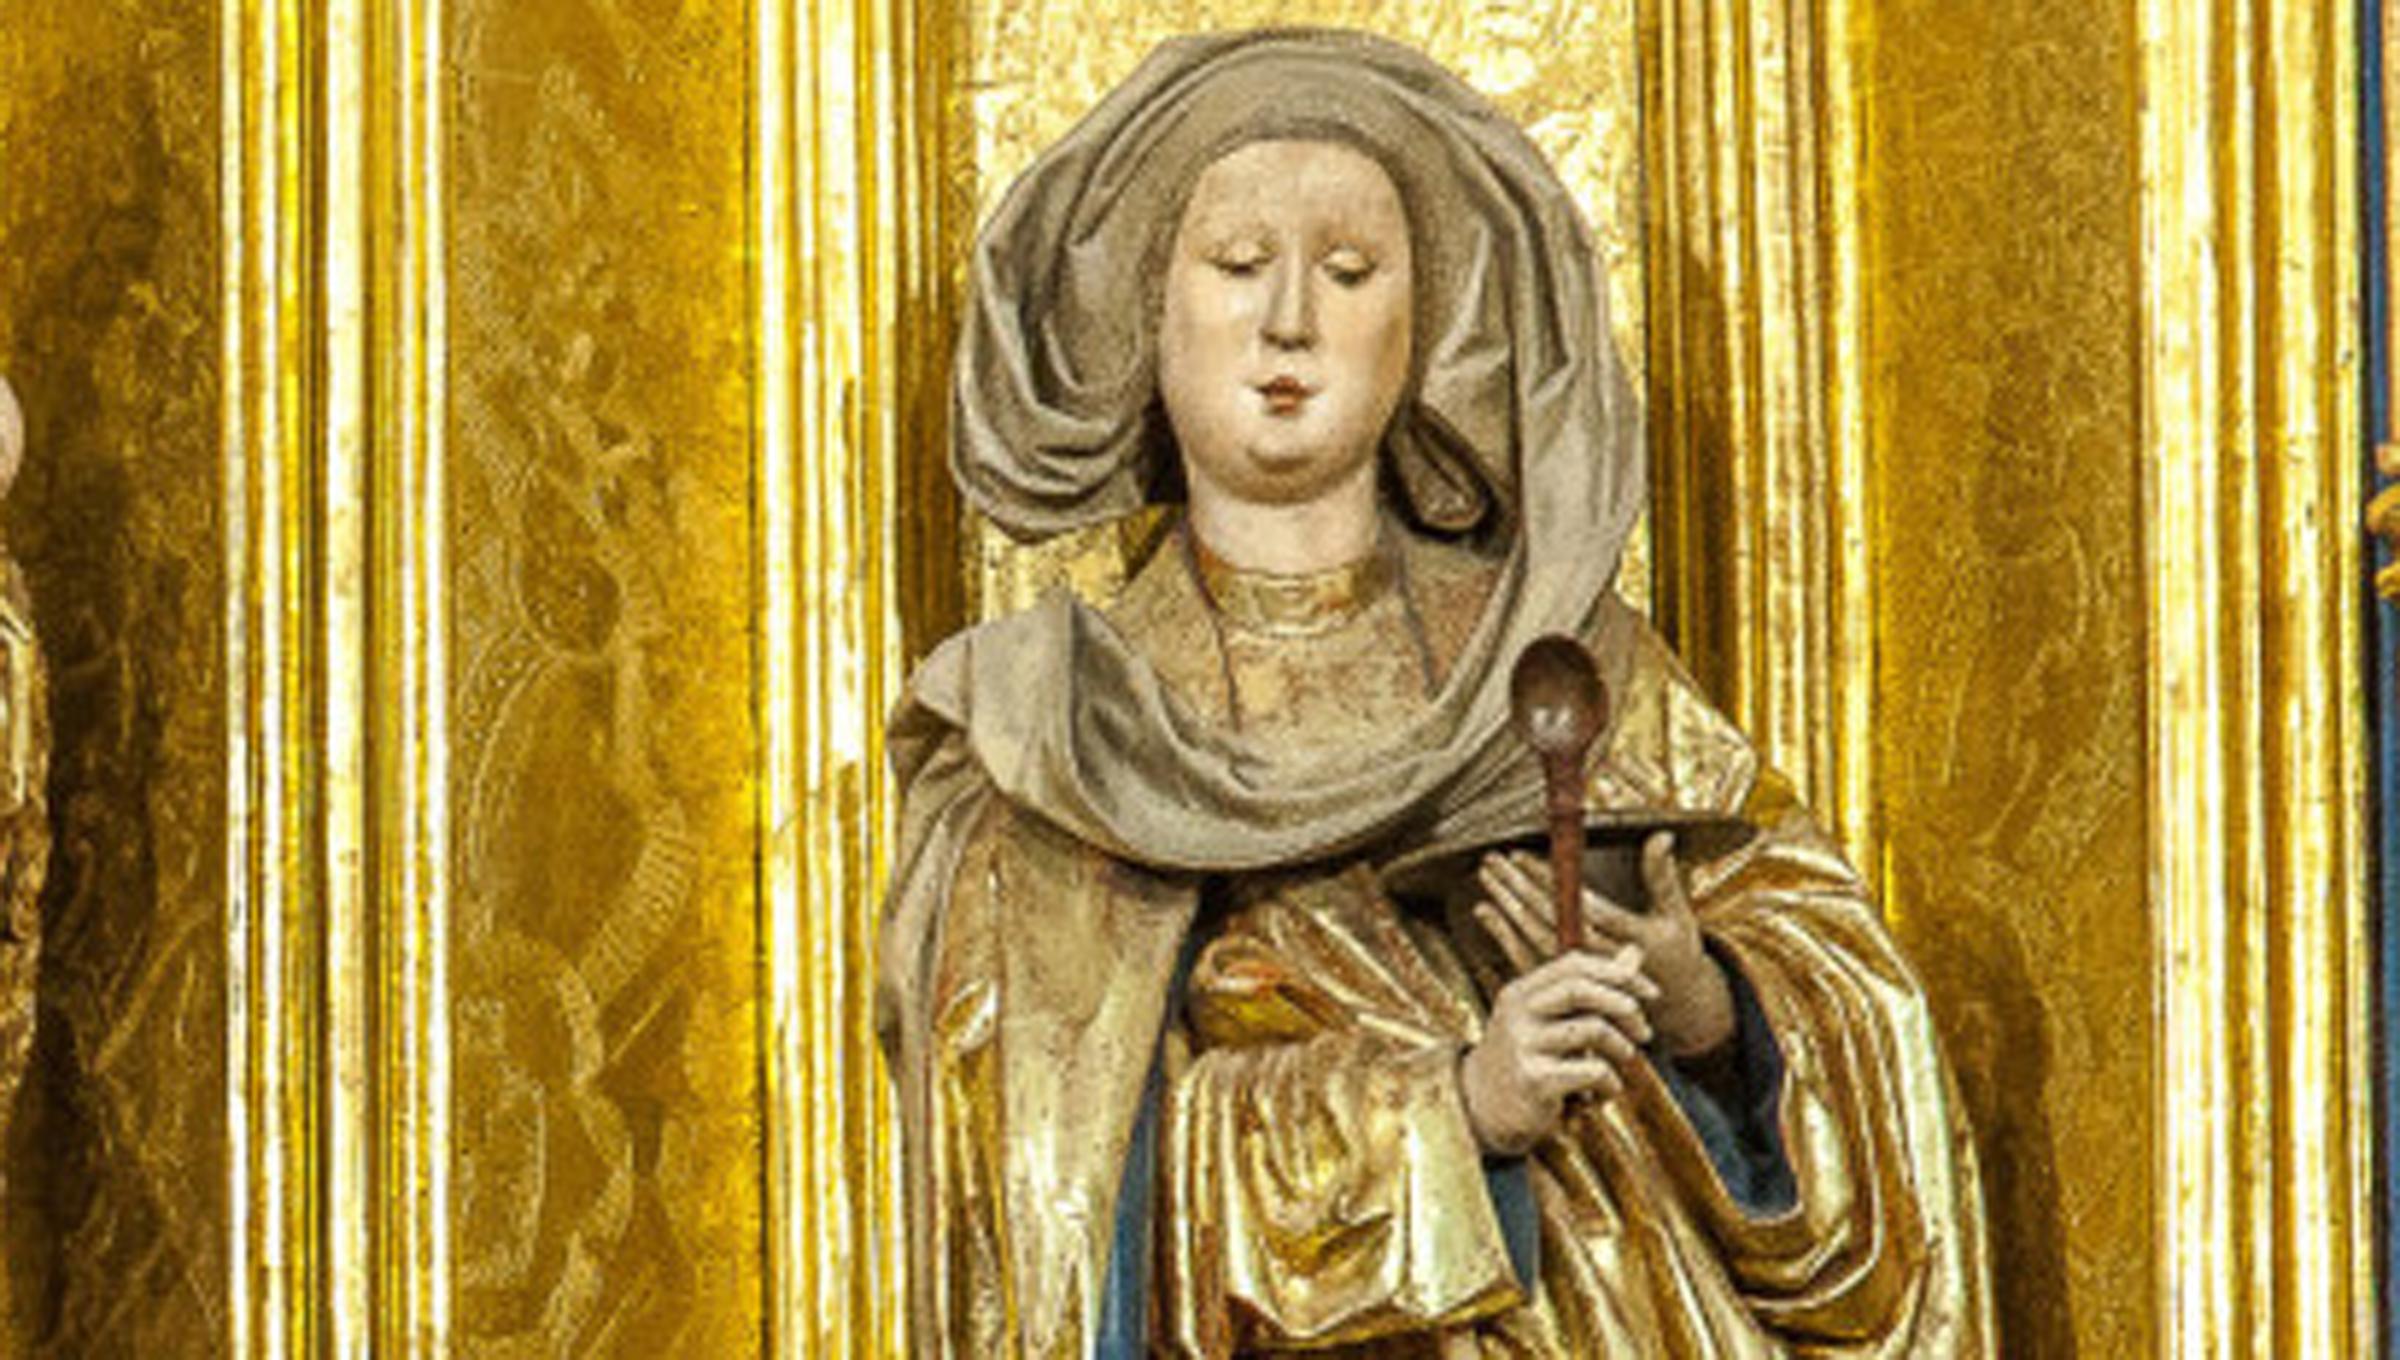 Árpád-házi Szent Erzsébet – Kassa és a dóm védőszentje. Fotó © AmiKassa